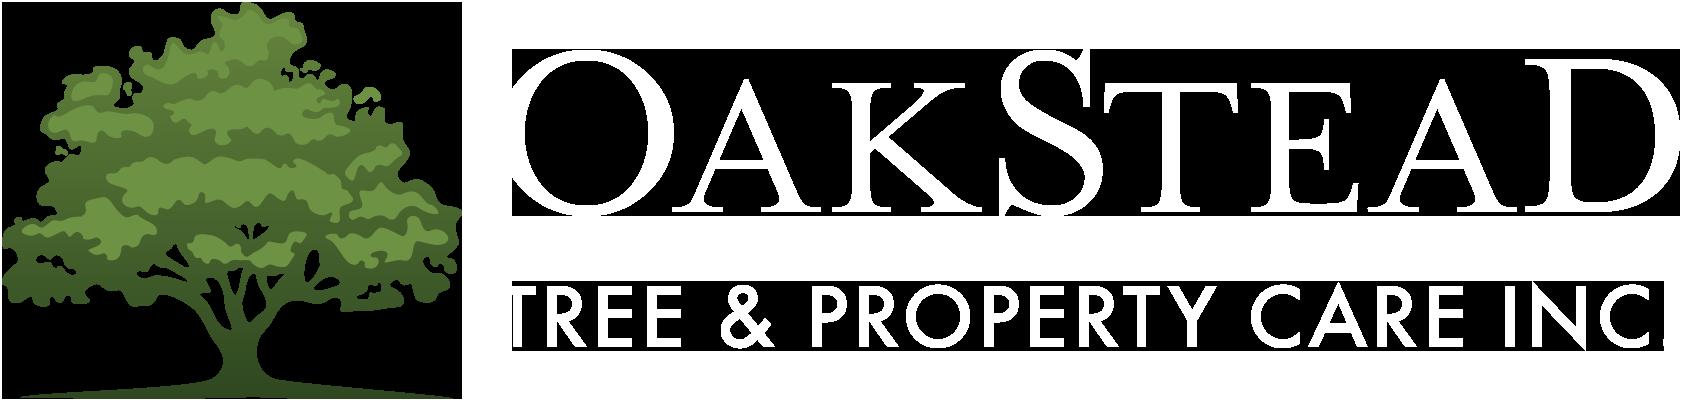 Oakstead Victoria Tree Service, Arborist & Property Care